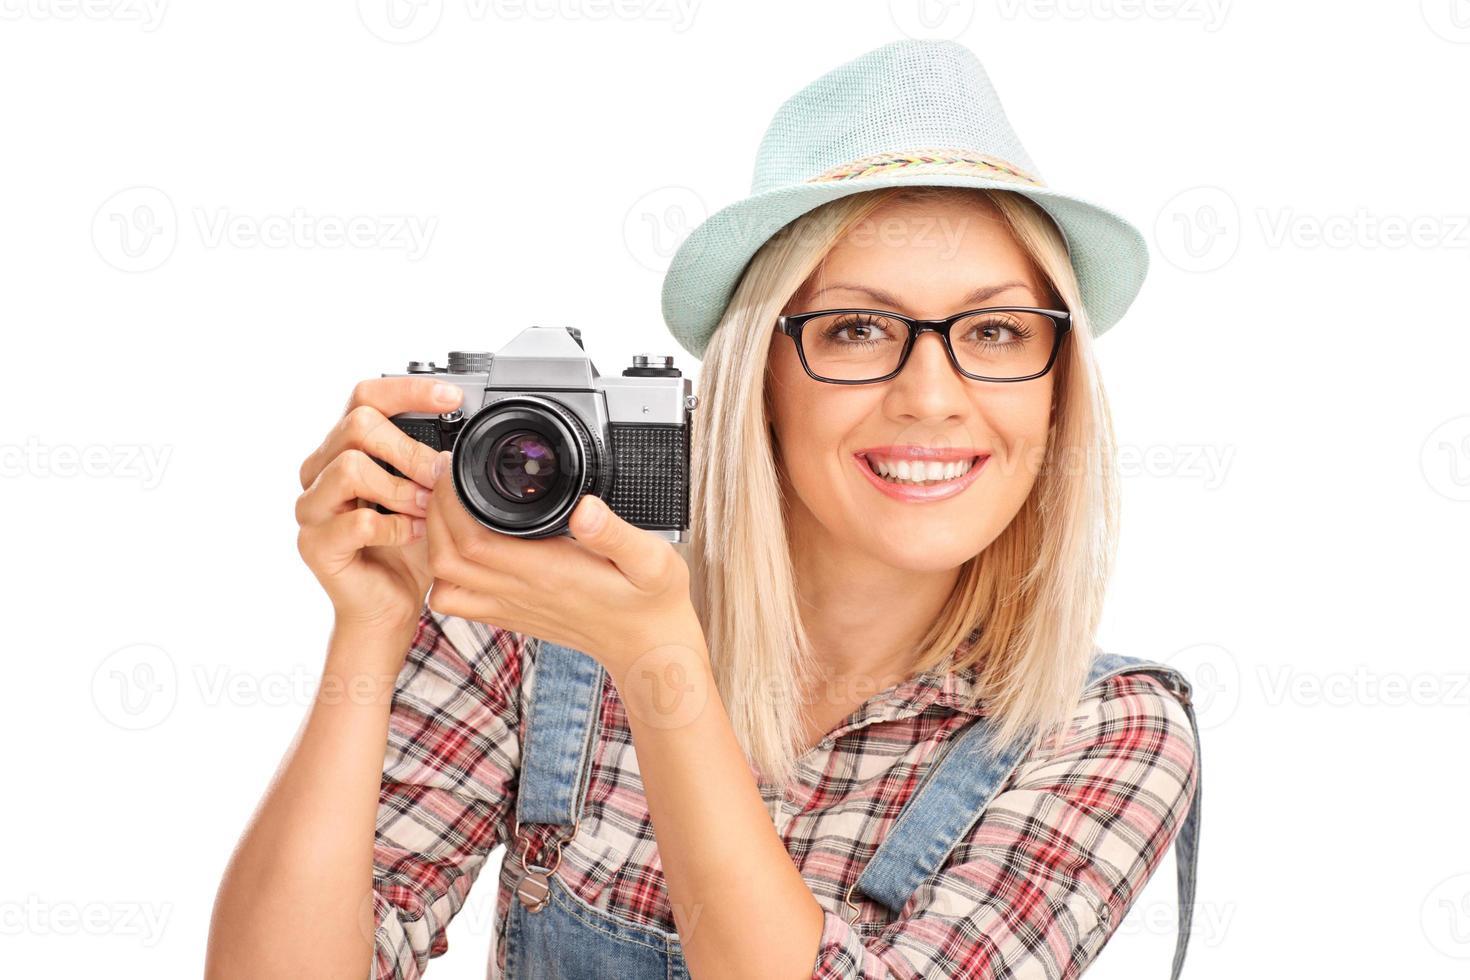 kvinnlig fotograf som håller en kamera foto